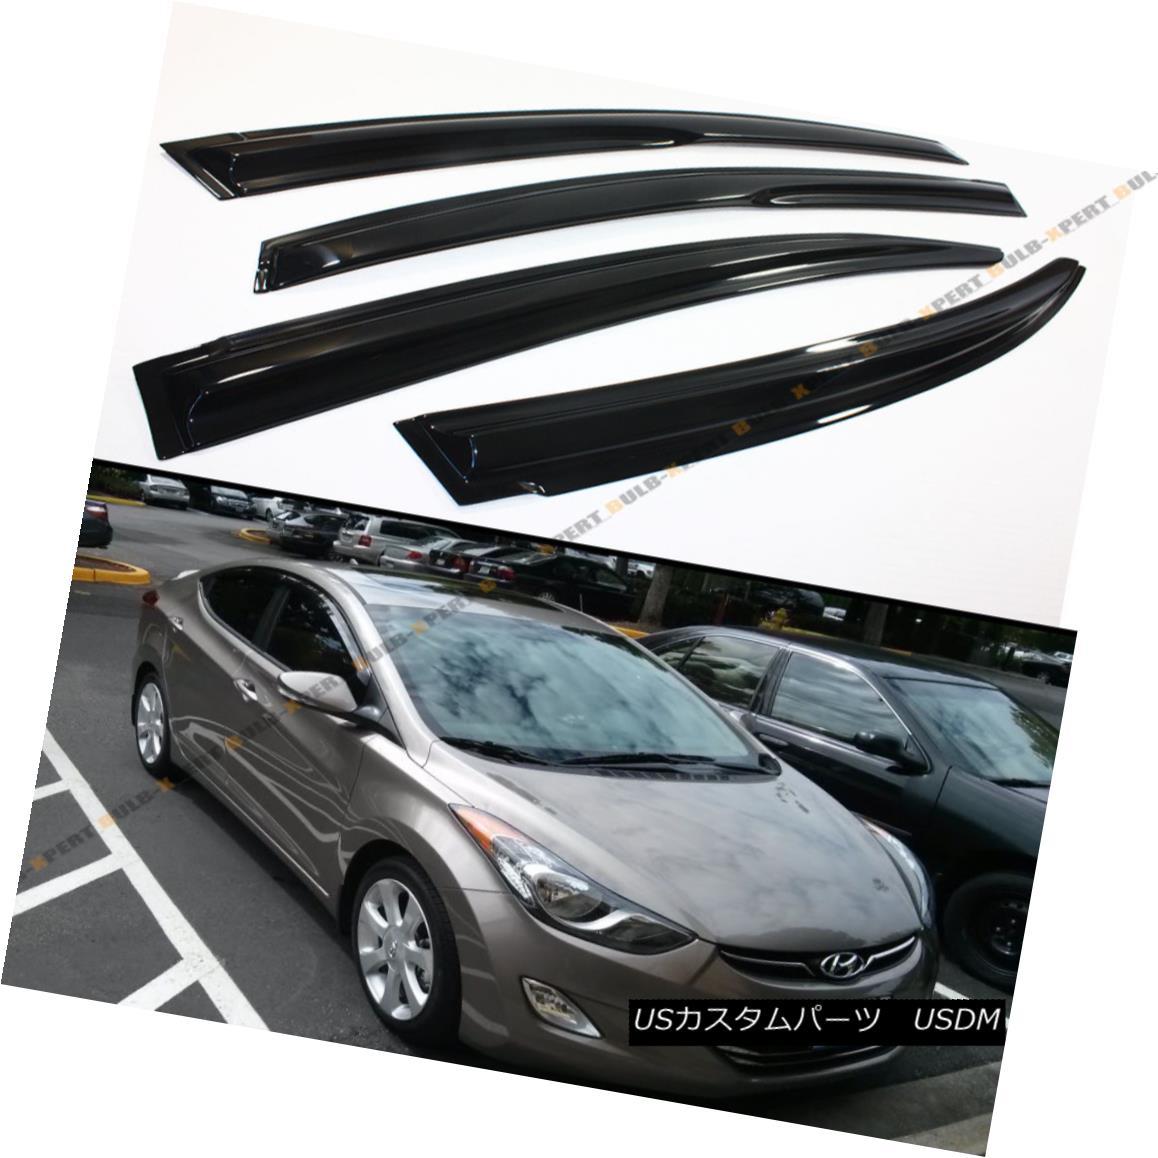 エアロパーツ 3D WAVY SHAPE WAVY STYLE SMOKE WINDOW VISOR FOR 2011-2016 HYUNDAI ELANTRA SEDAN 2011-2016 HYUNDAI ELANTRA SEDANのための3Dウェーブシェイプウェーブスタイルのソーイングウインドウの視界